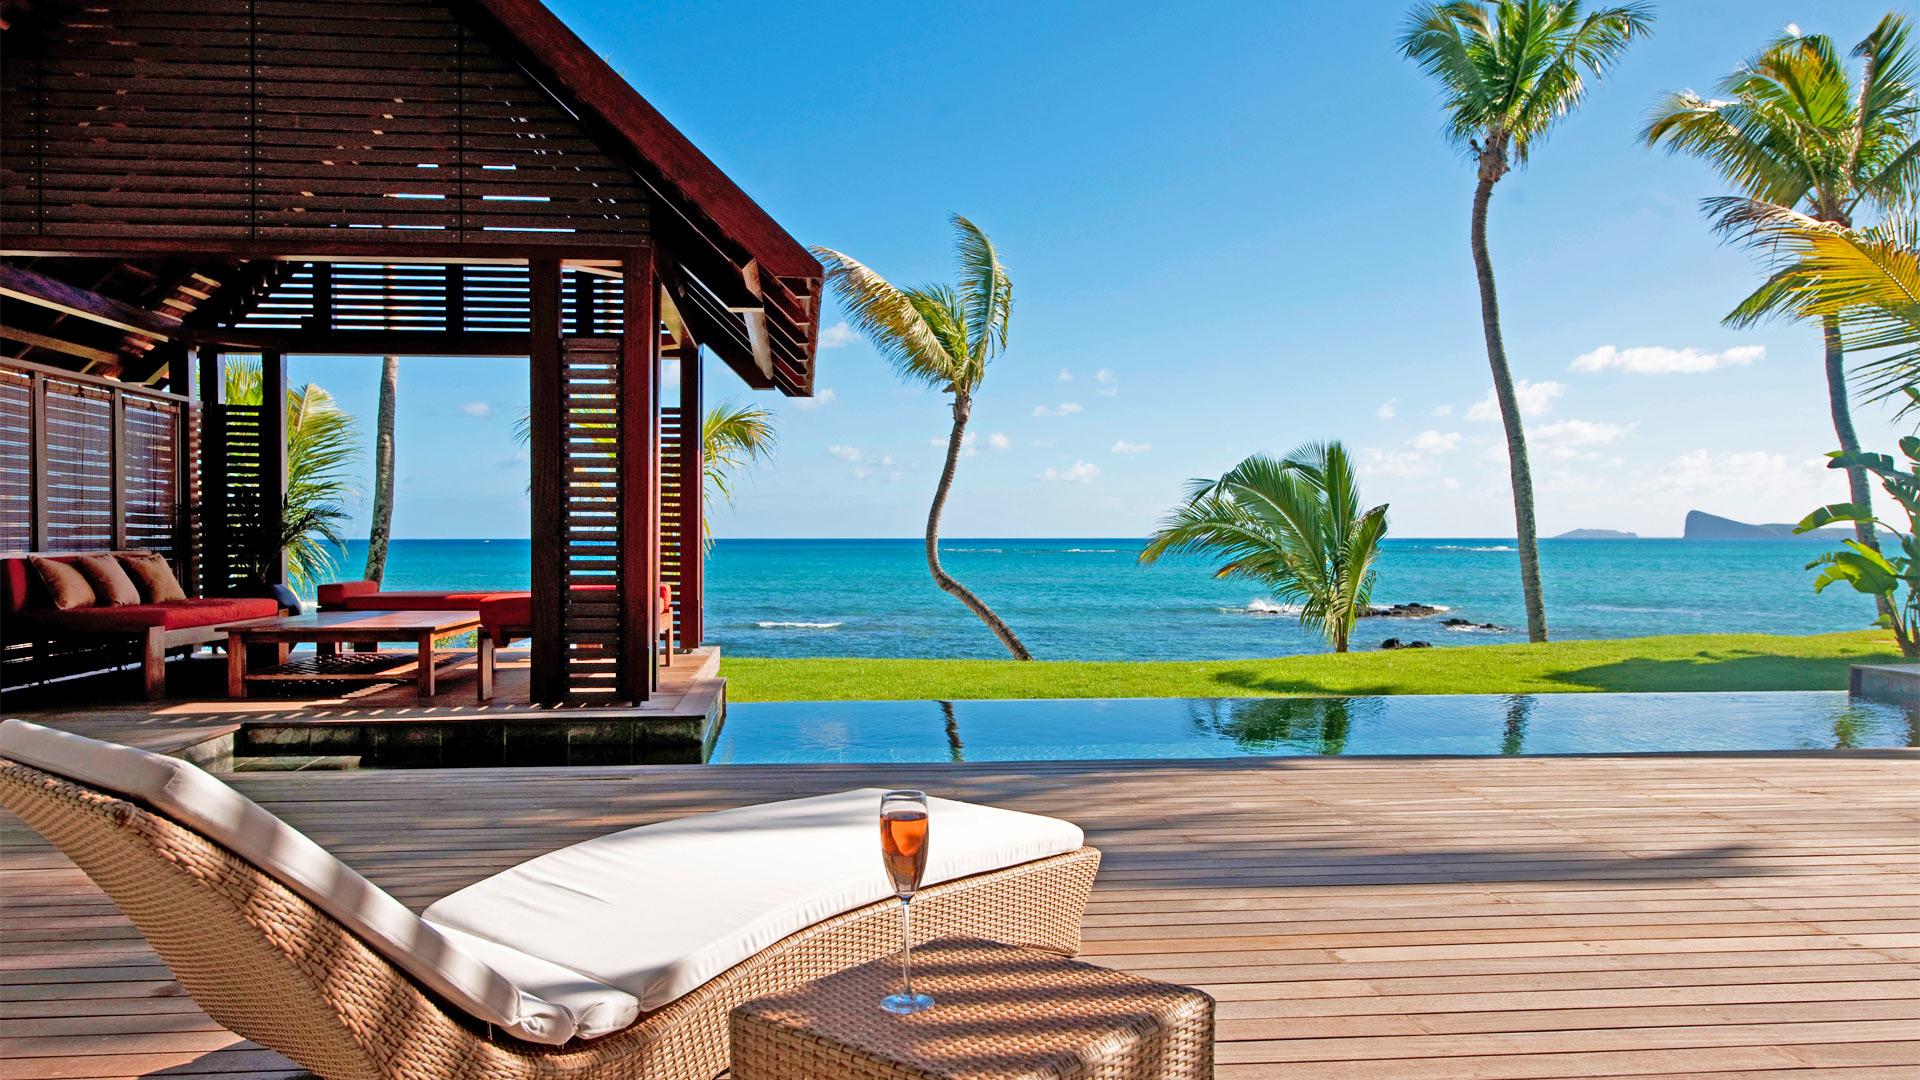 villa sentosa villa mieten in mauritius norden pointe aux canonniers villanovo. Black Bedroom Furniture Sets. Home Design Ideas